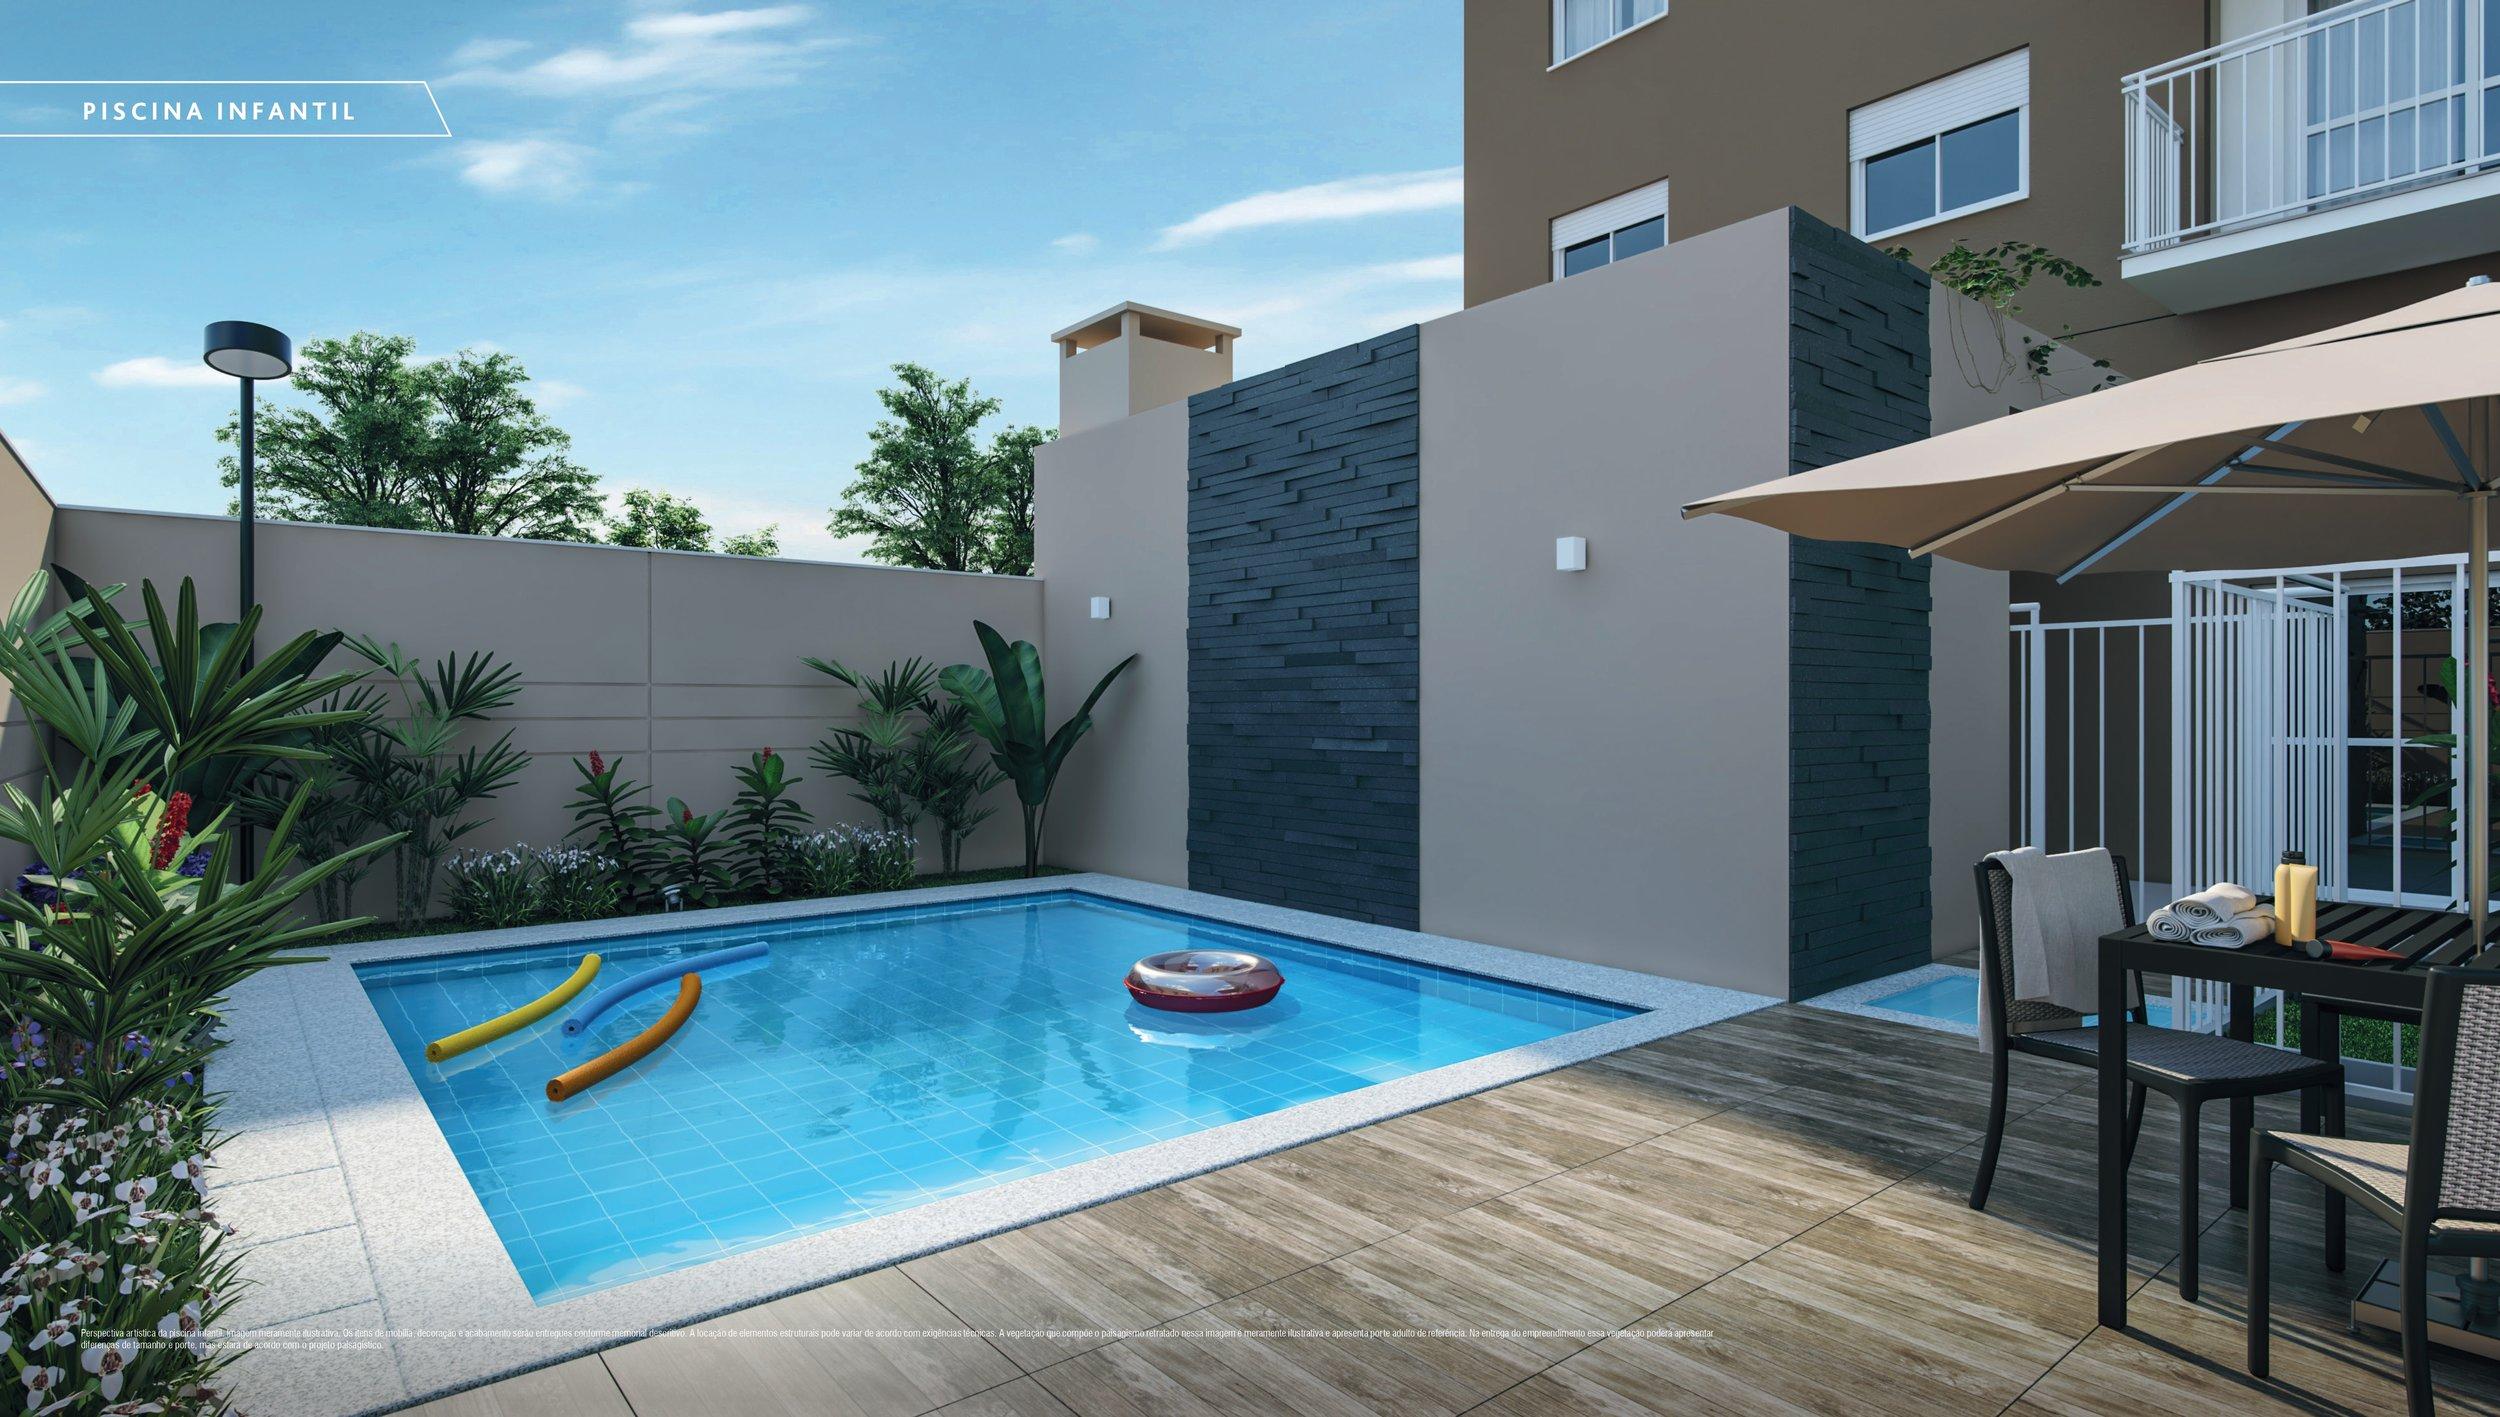 piscina infantil.jpg